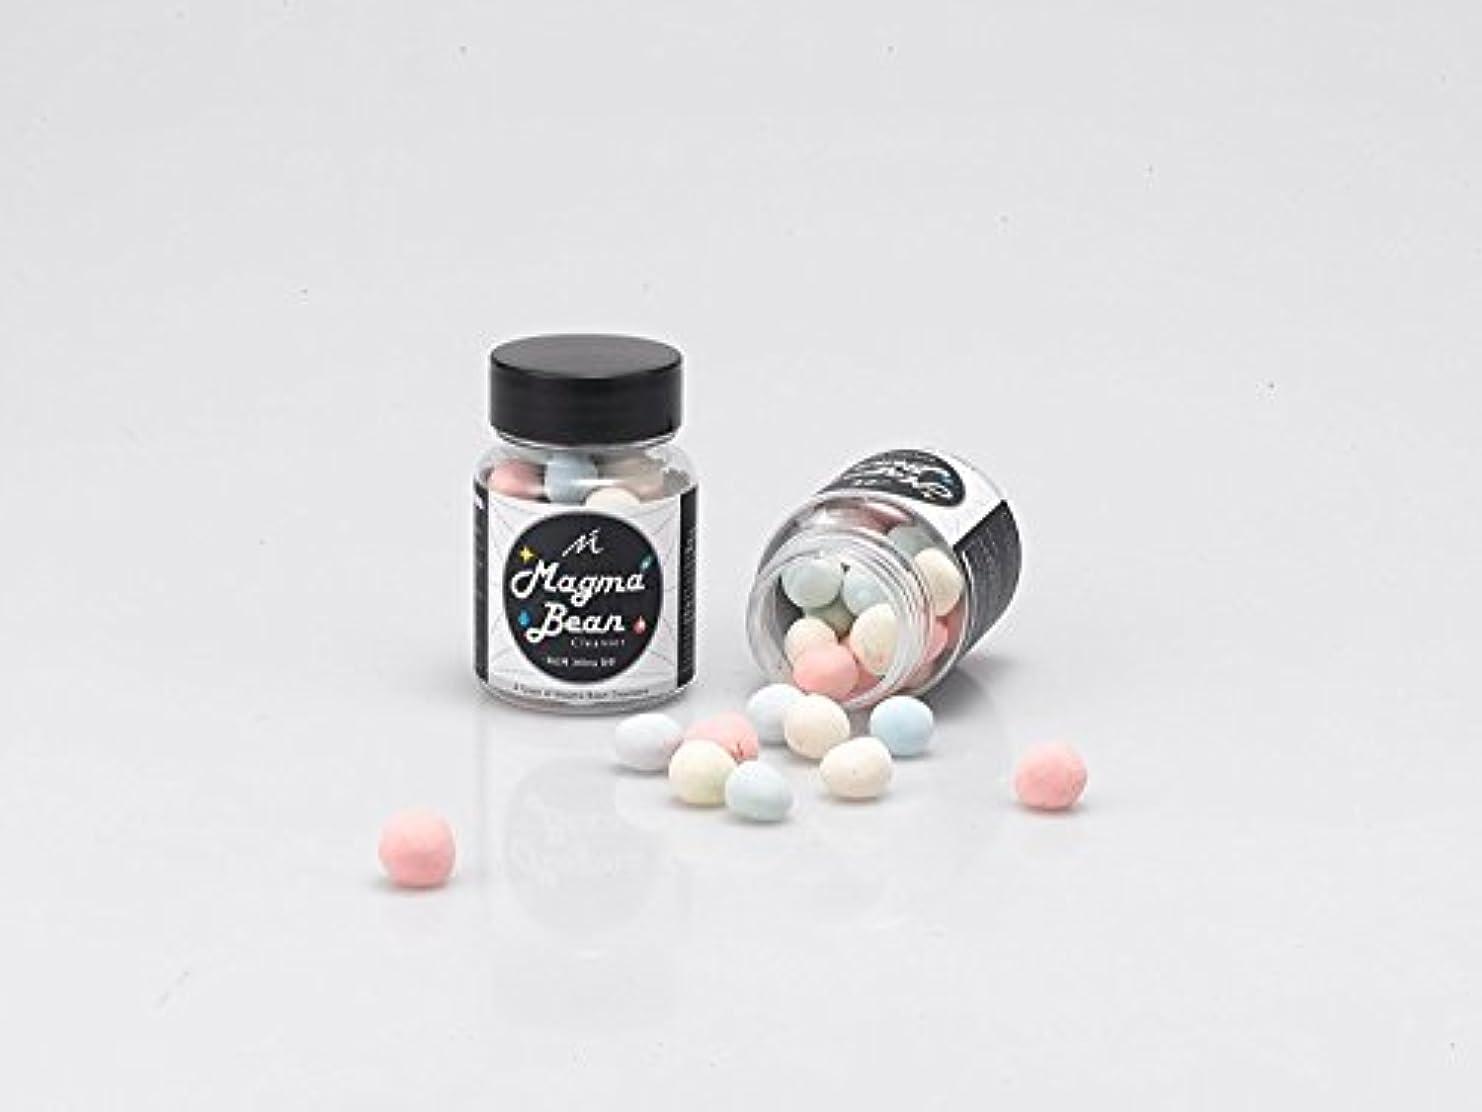 。自治傾斜NMC マグマ ビーン ソリッド ソープ / Magma Bean Solid Soap (34g)